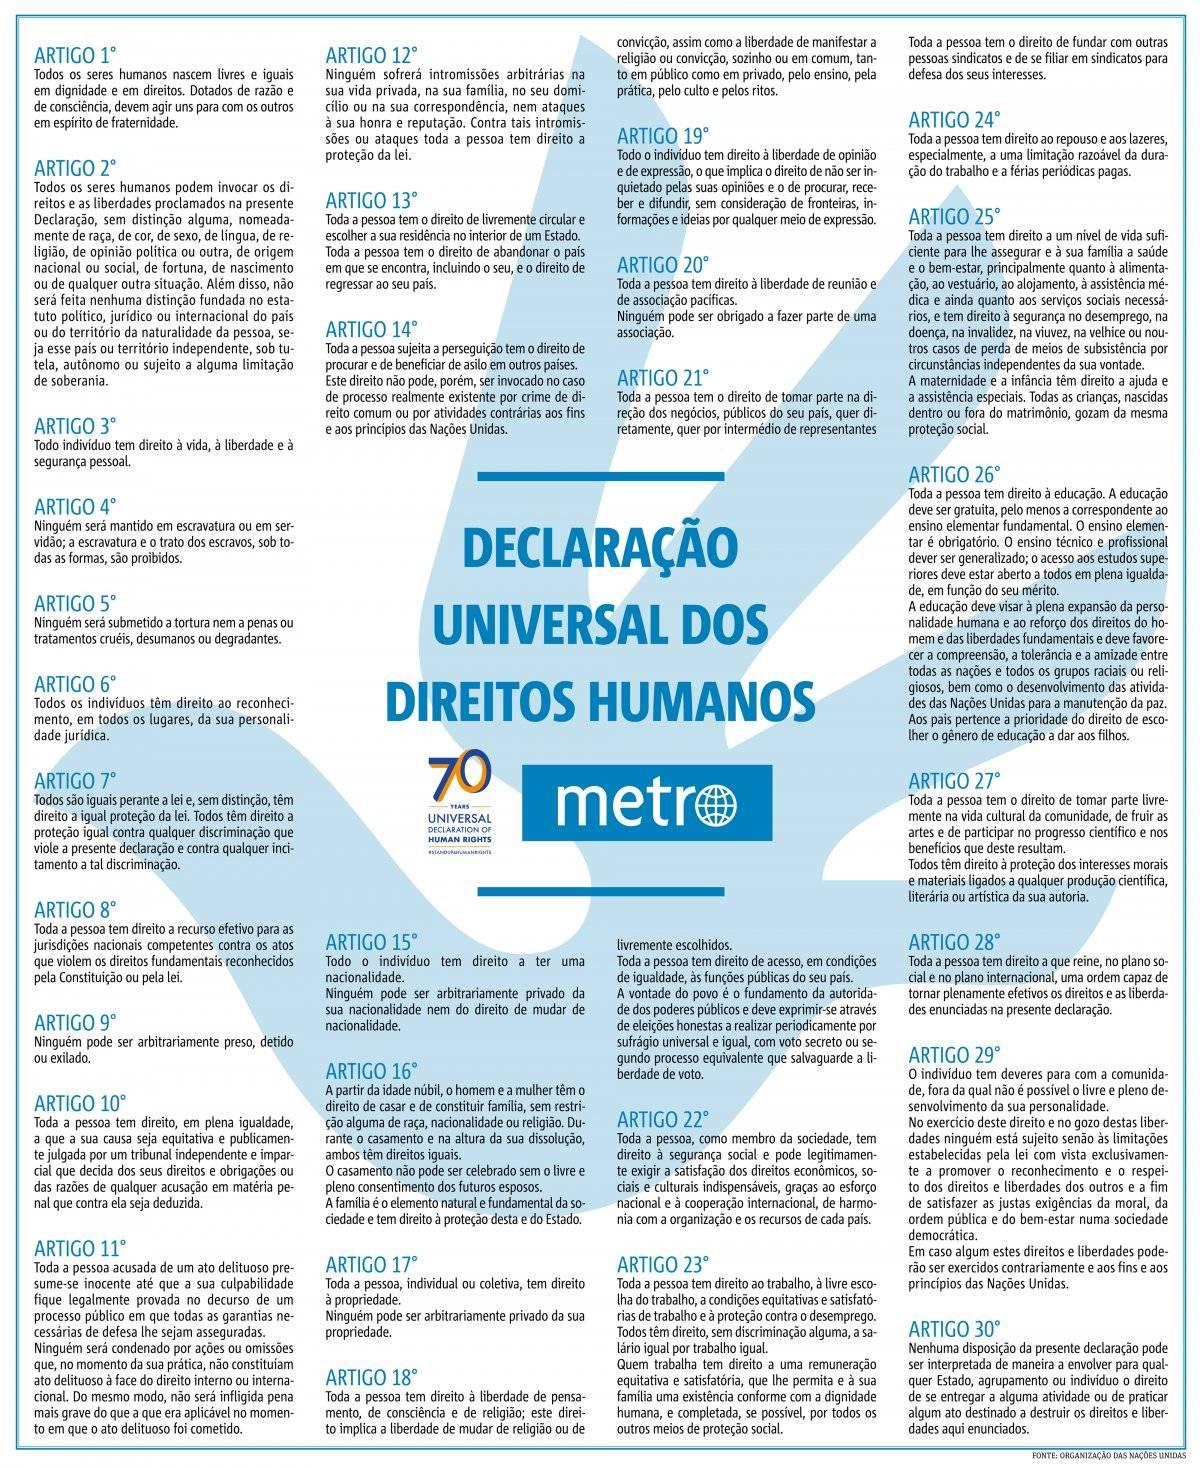 DECLARAÇÃO UNIVERSAL DOS DIREITOS HUMANOS METRO